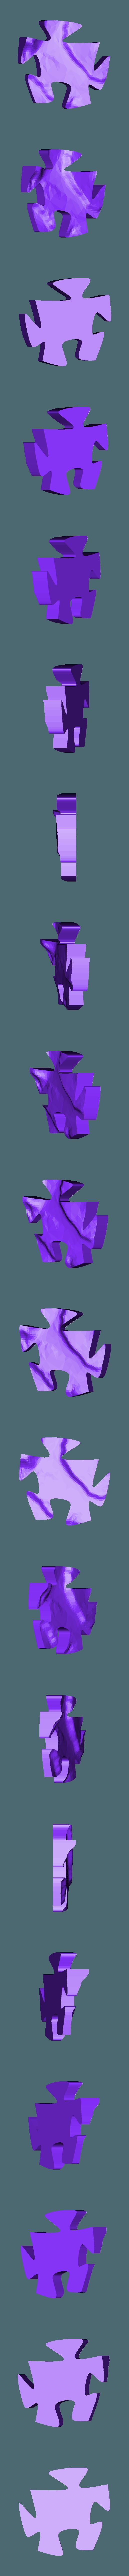 24.stl Télécharger fichier STL gratuit Echelle épique - Terrain - Zion NP • Objet à imprimer en 3D, TCP491016